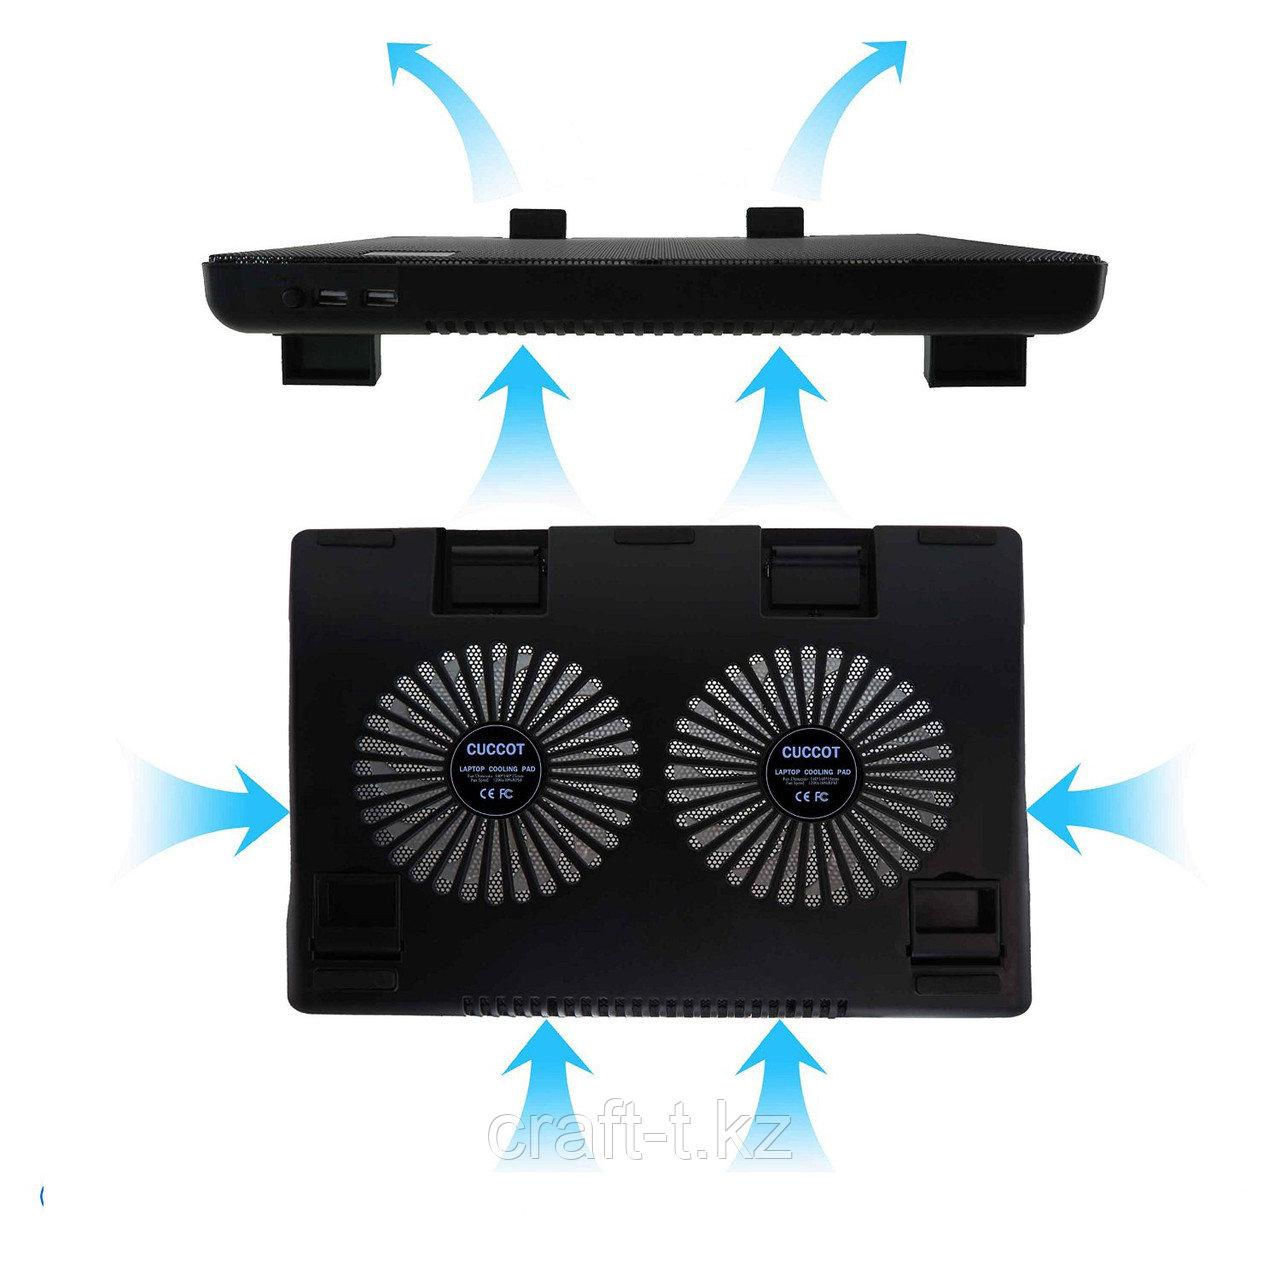 Подставка под ноутбук Cooling pad  668